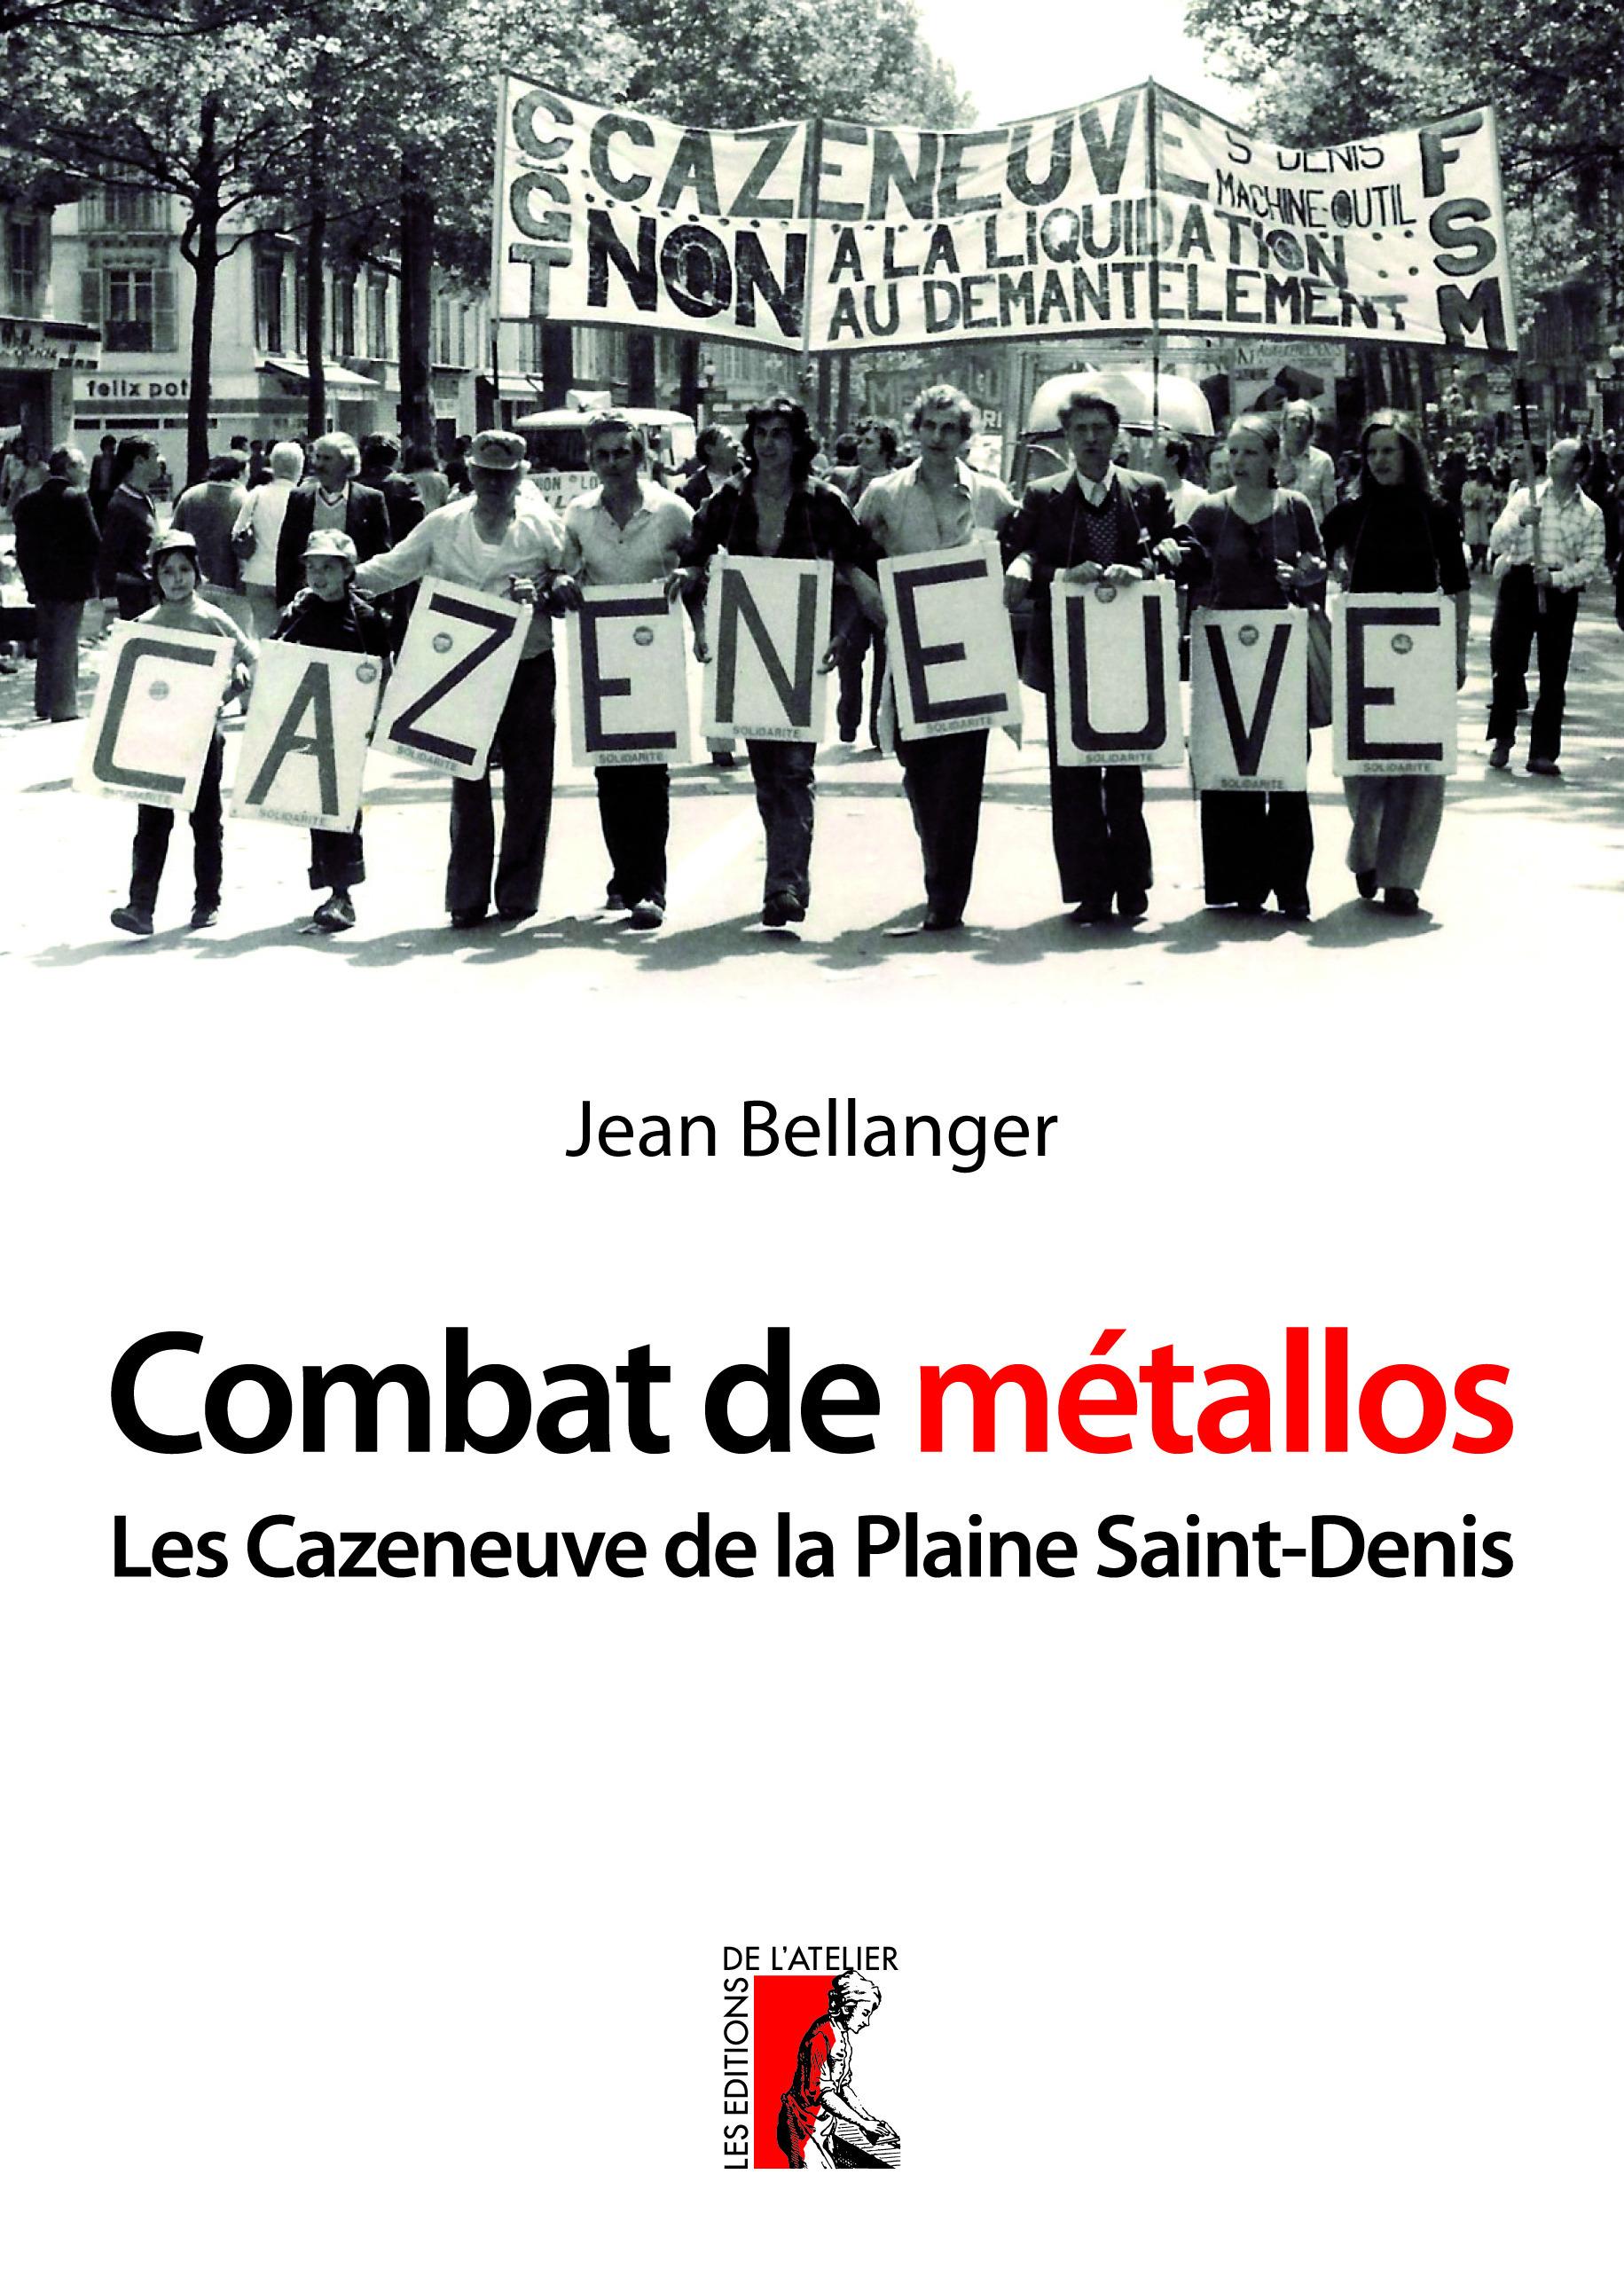 Combat de métallos ; les Cazeneuve de la Plaine Saint-Denis